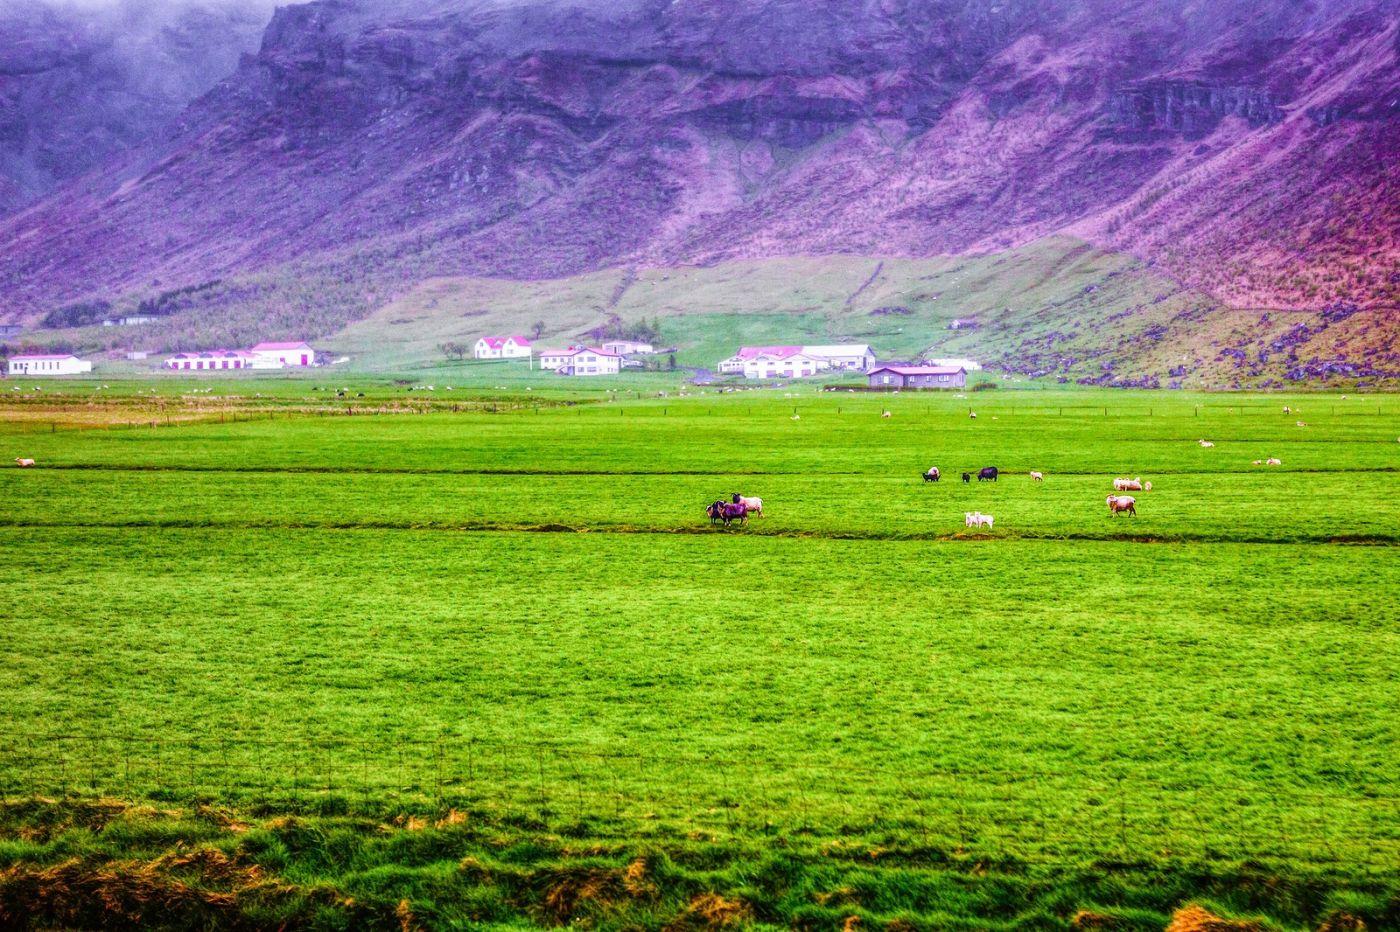 冰岛风采,大山民舍羊群_图1-13